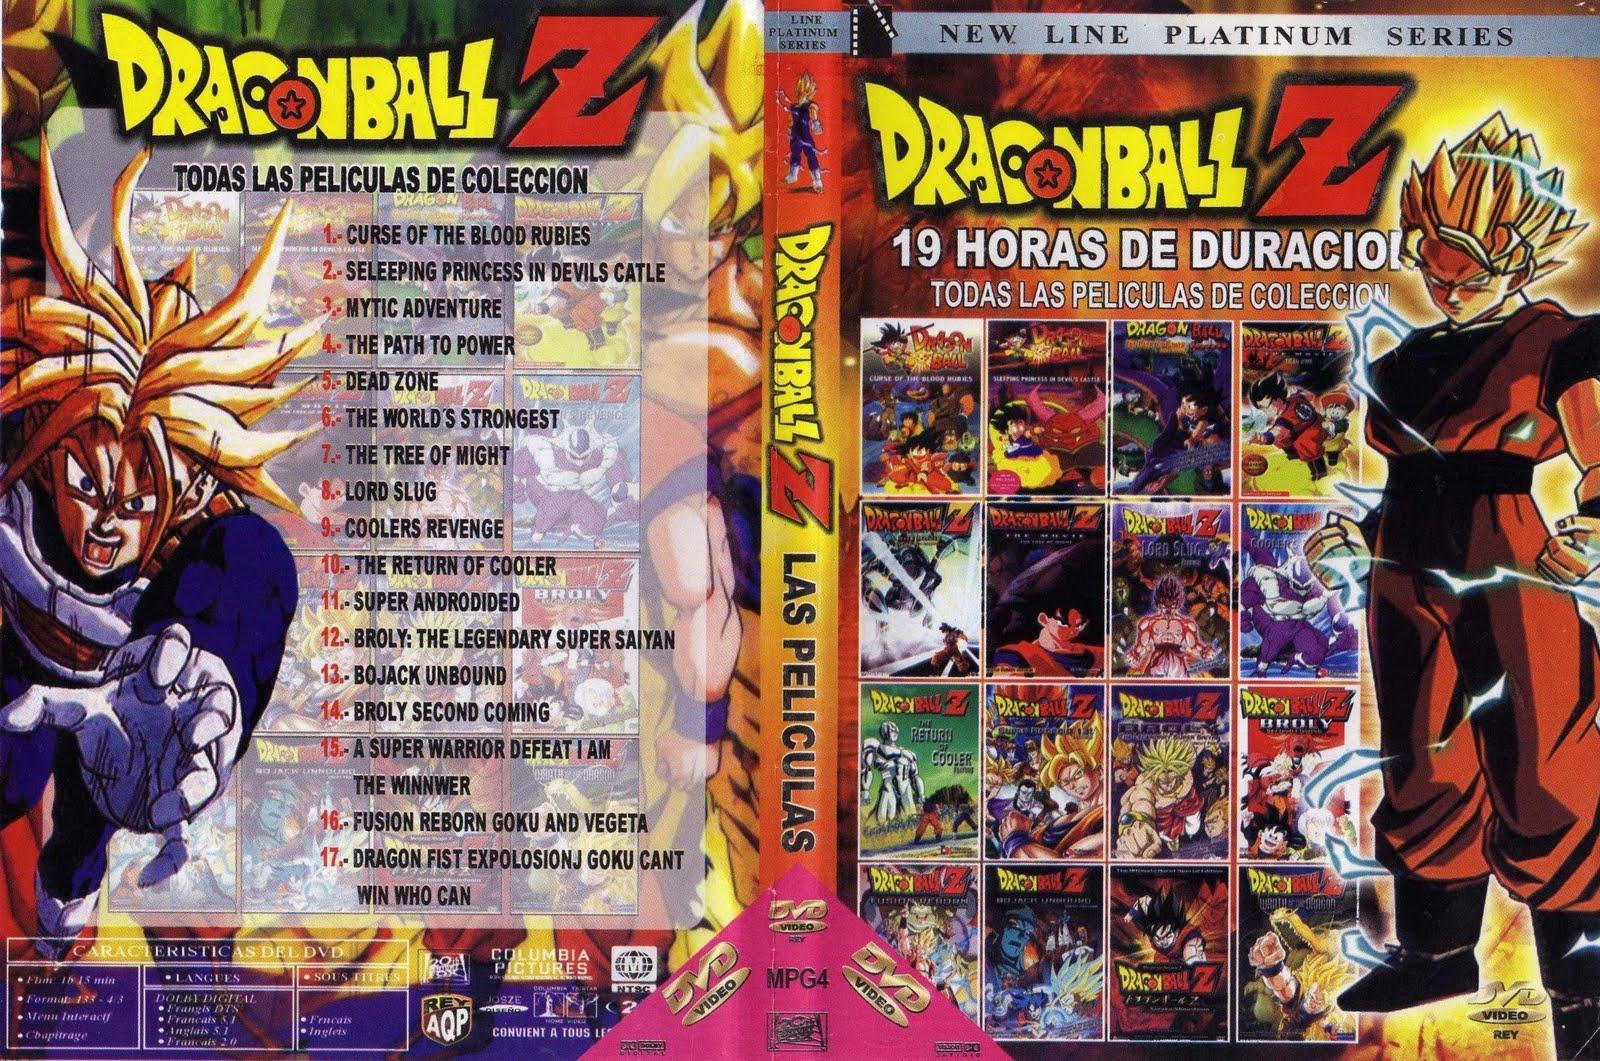 descargar peliculas de dragon ball z en espanol latino hd